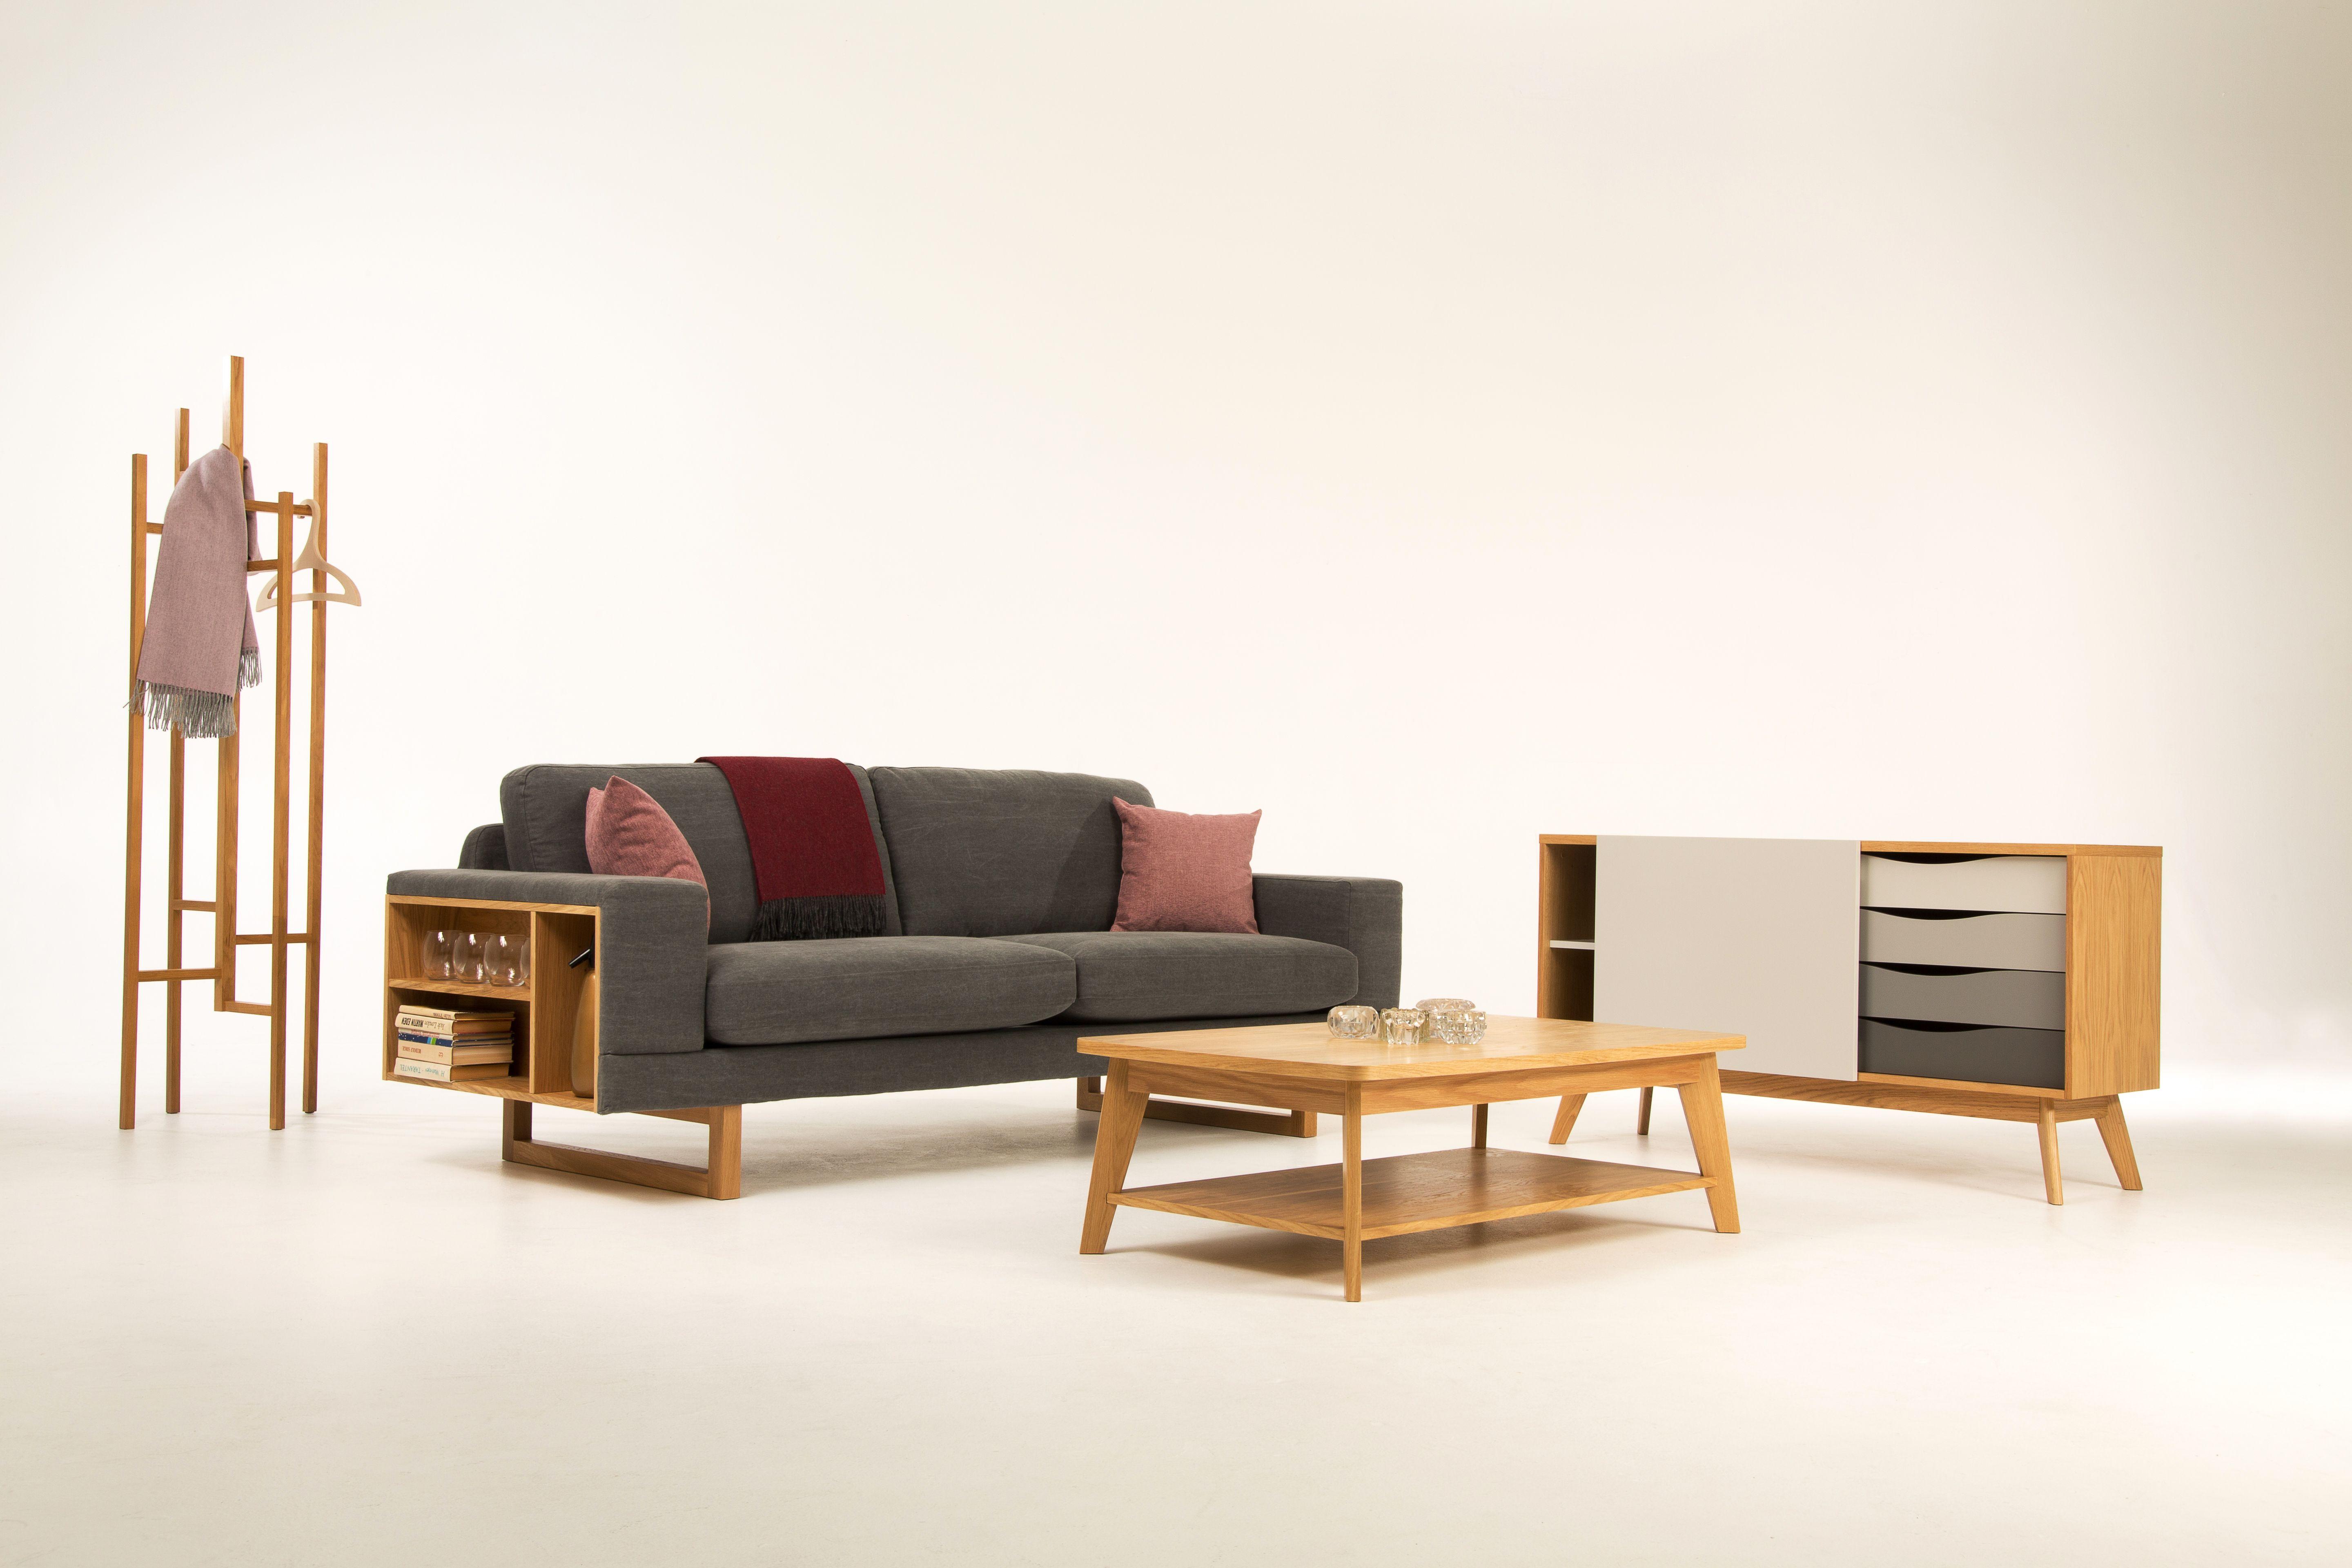 Wohnzimmer Im Skandinavischen Stil. Wunderschöne Möbel Von Woodman. # Wohnzimmer #wohnbereich #sofa